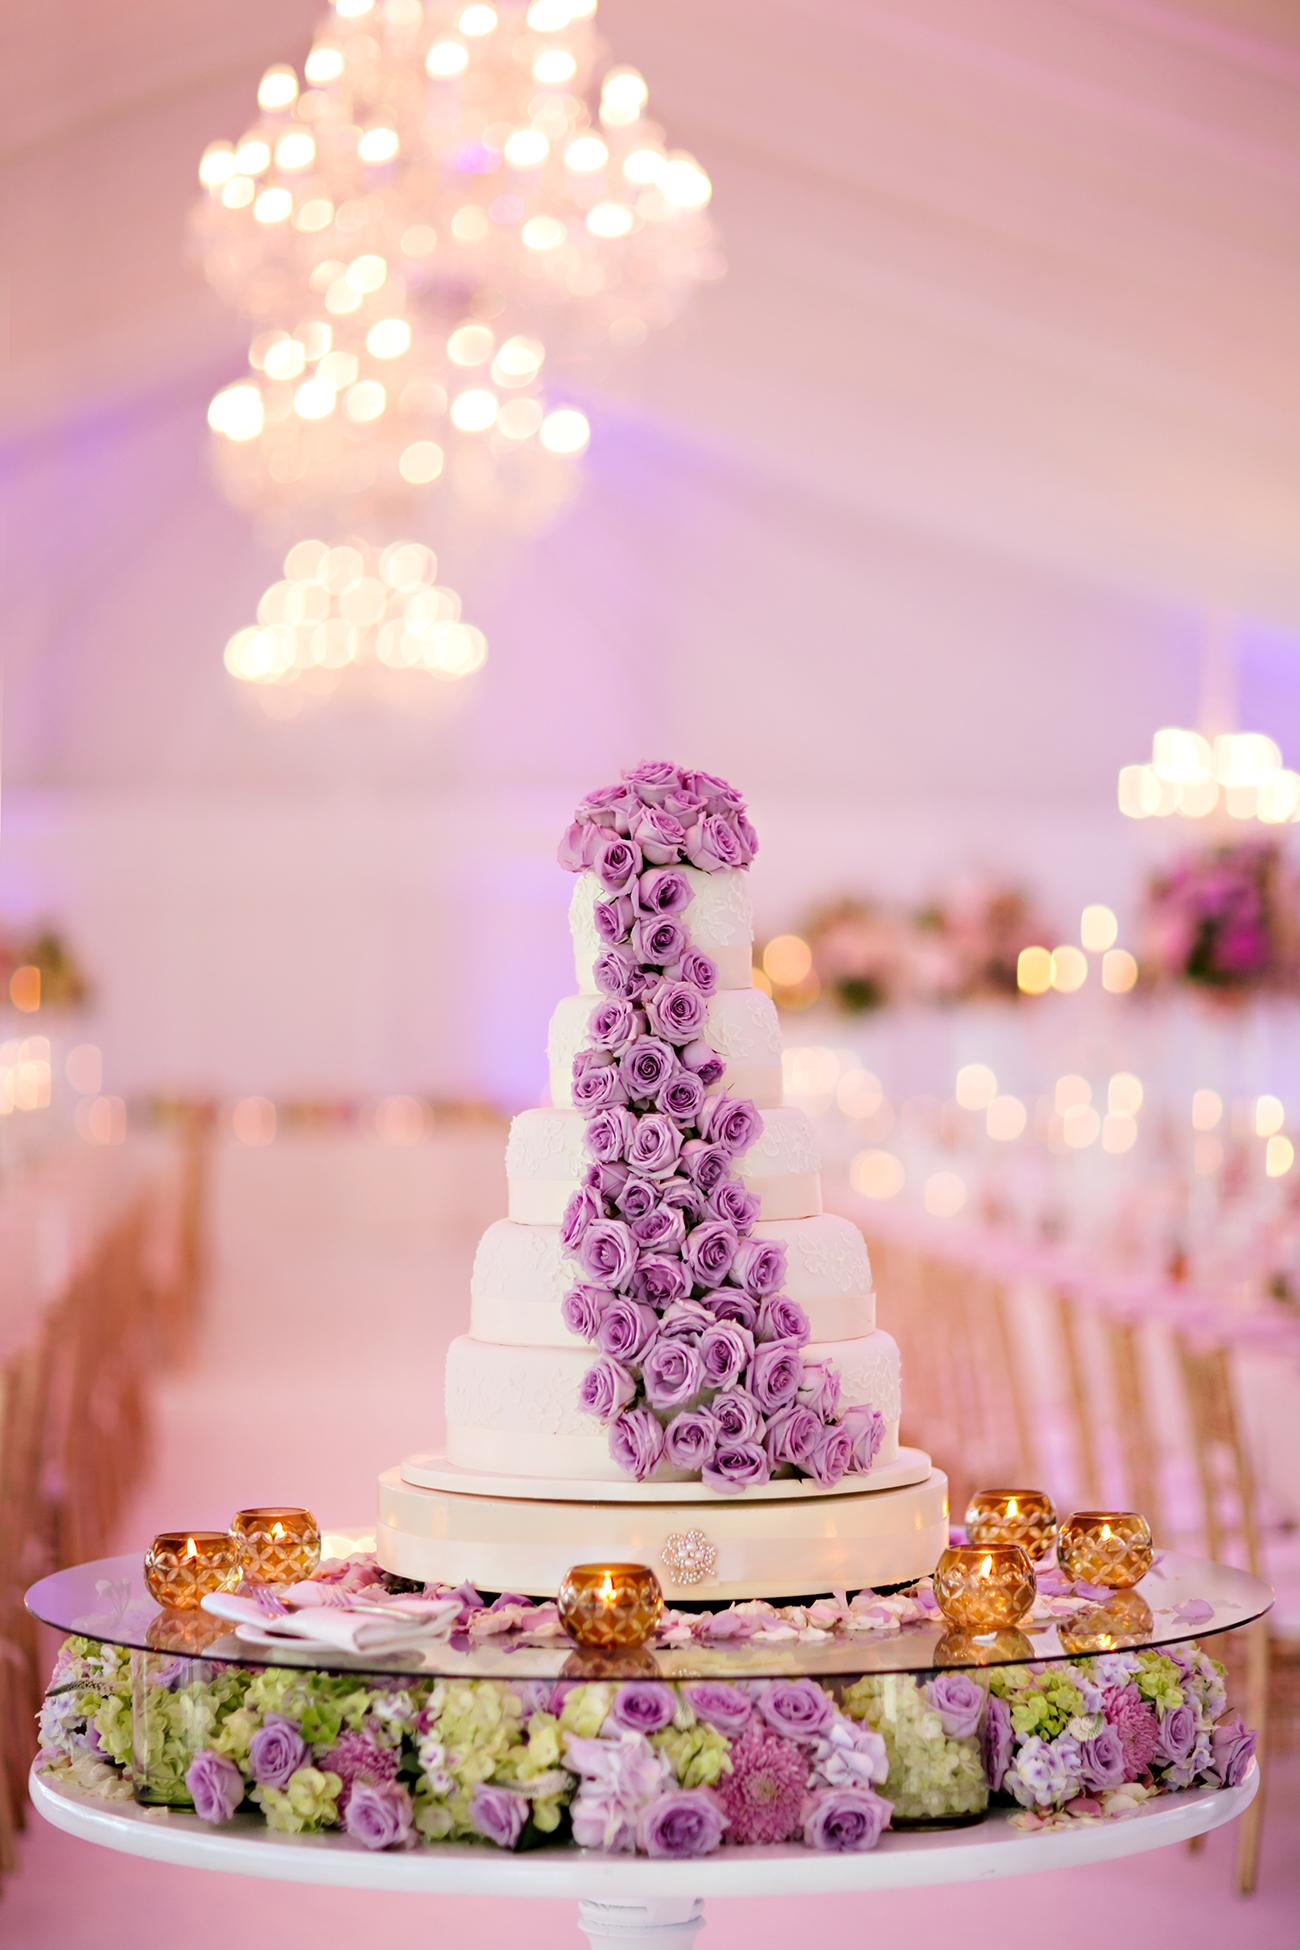 2.-Unique-cake-installation2